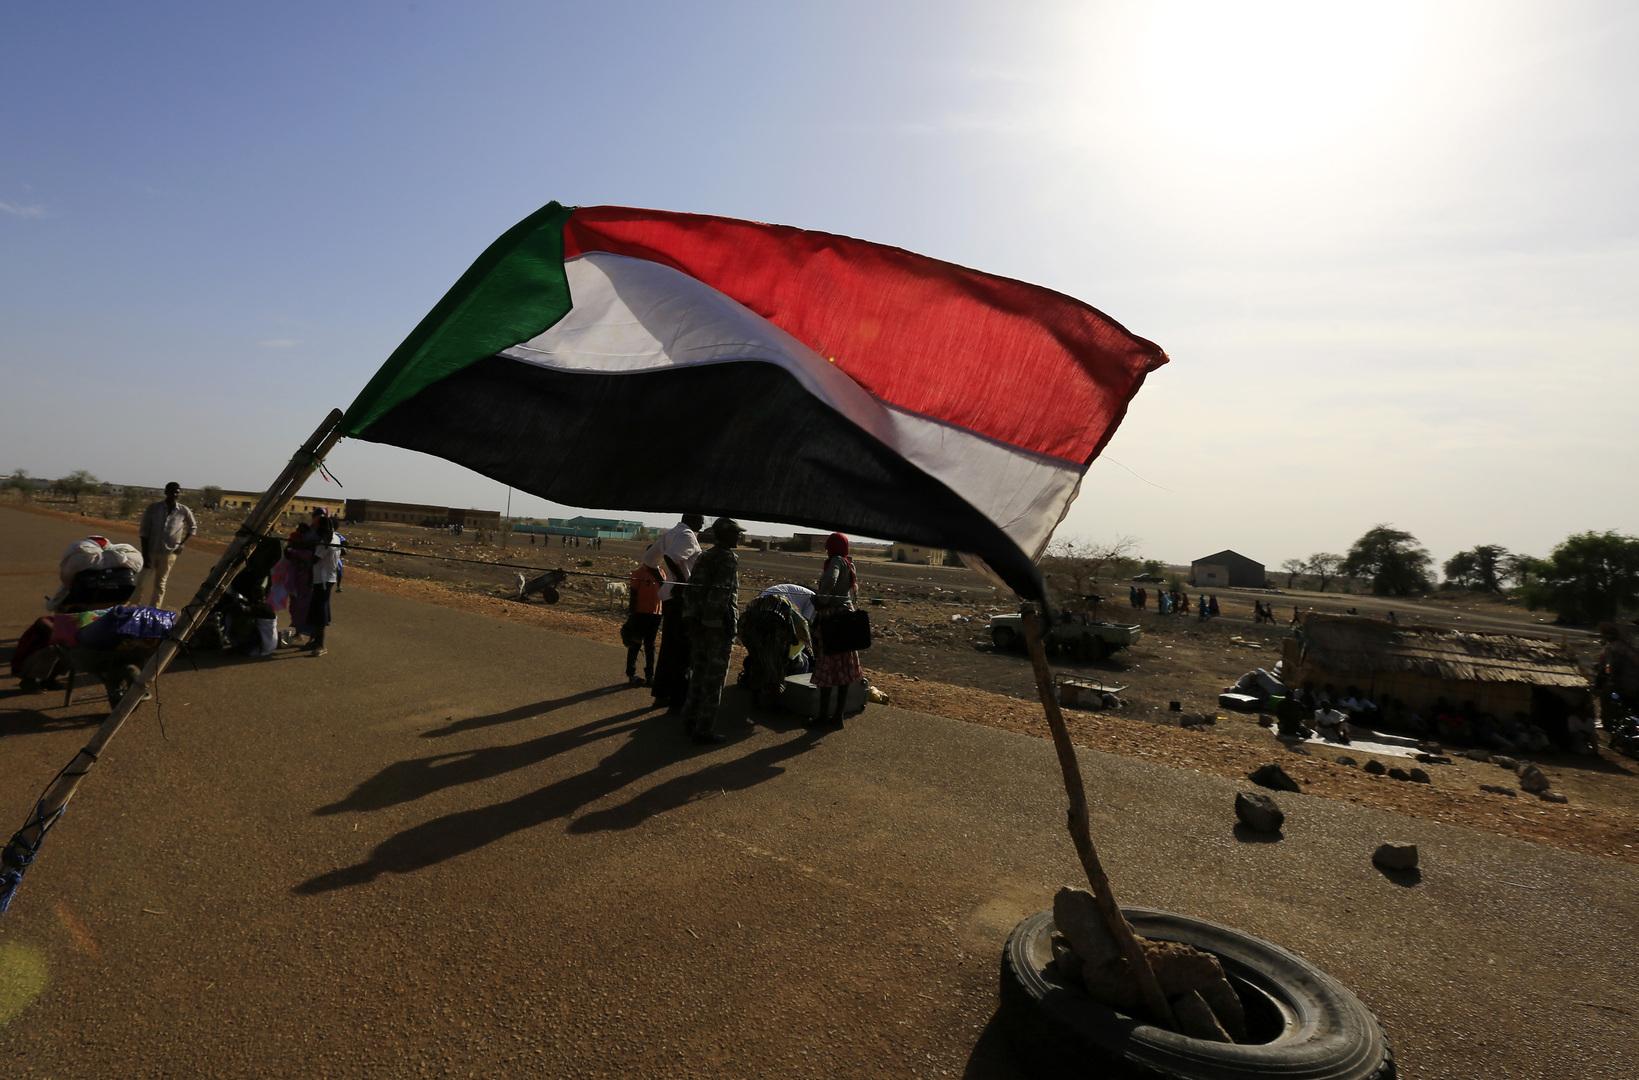 السودان.. مقتل ضابط برتبه رفيعة على الحدود مع إثيوبيا وأنباء عن حشود عسكرية باتجاه المنطقة